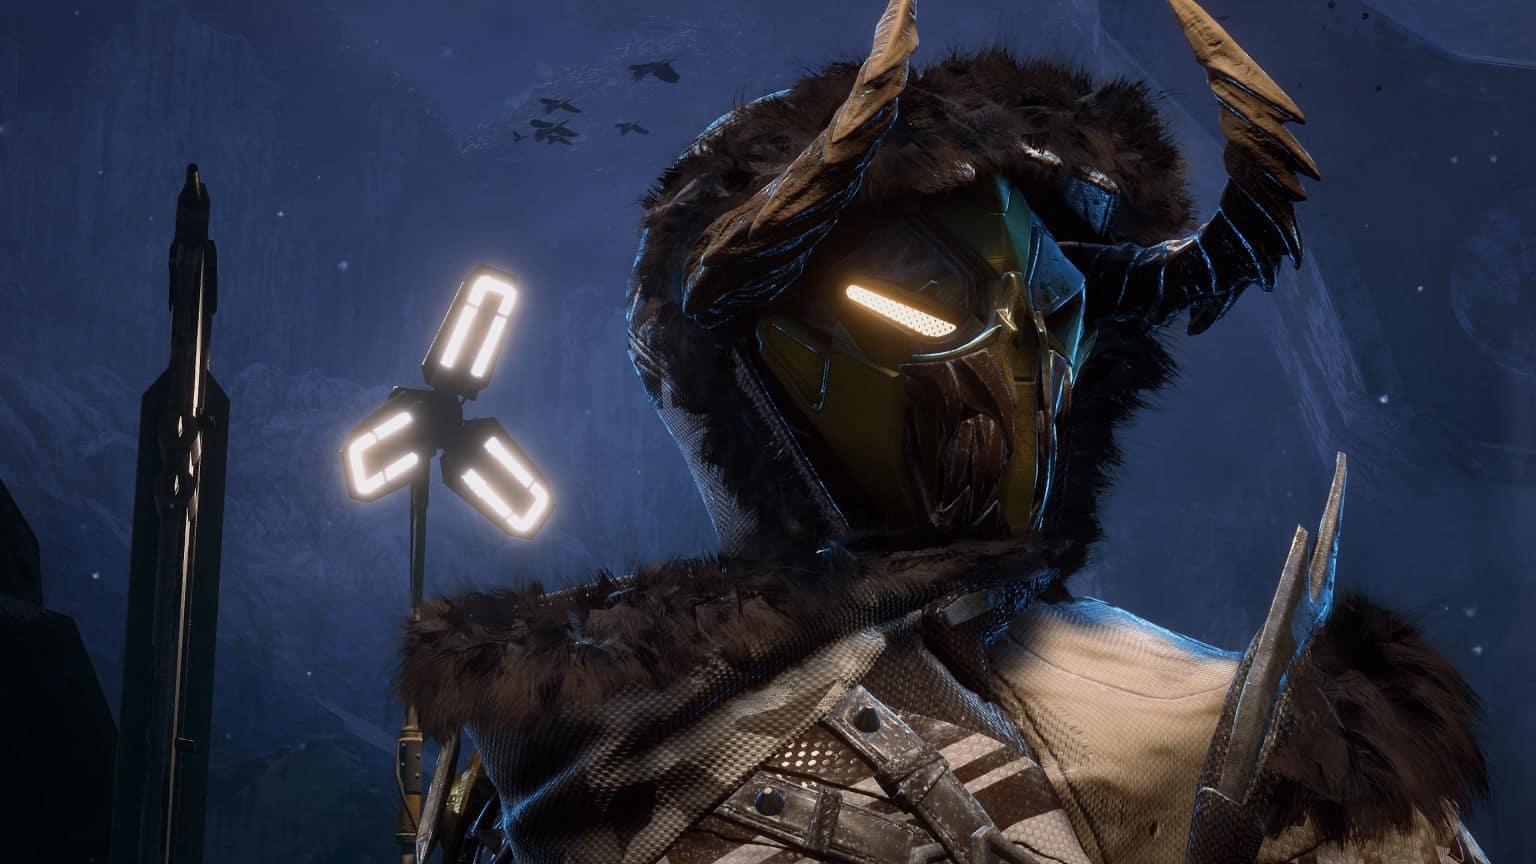 BioWare confirma: Anthem passará por um rework completo